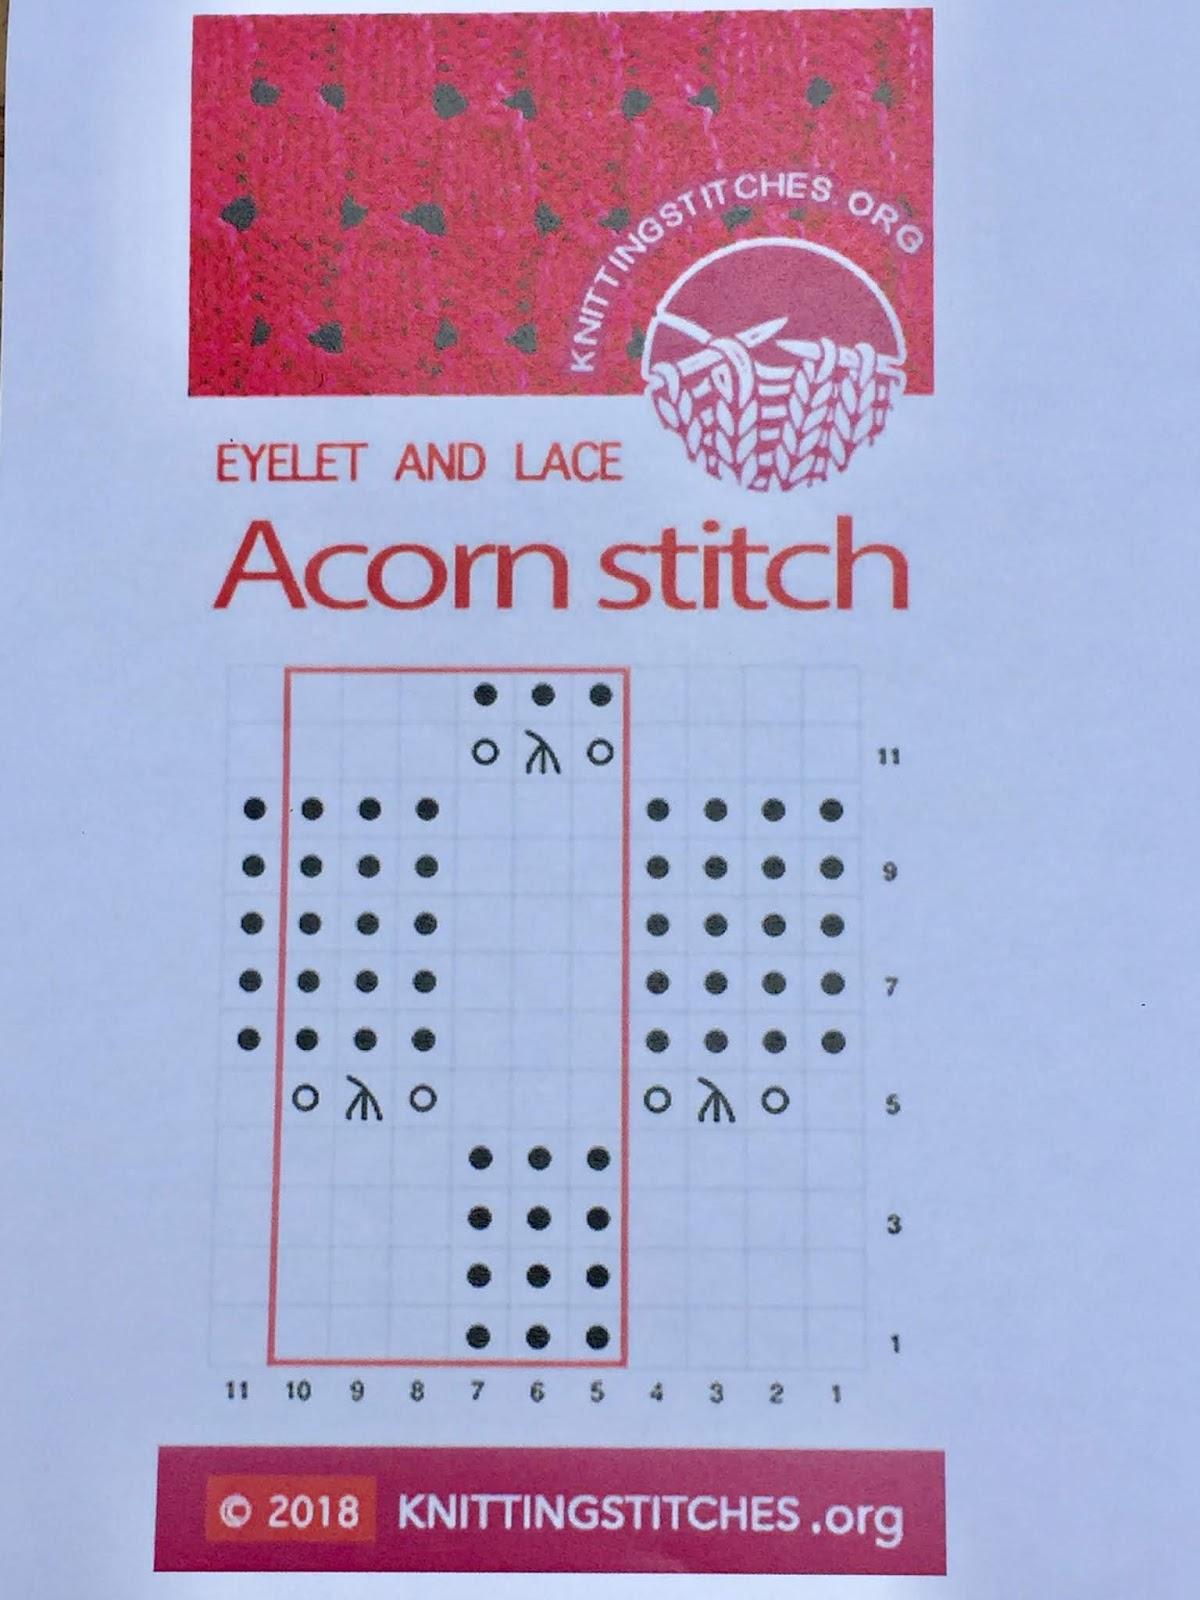 Knitting Stitches 2018 - Acorn stitch pattern